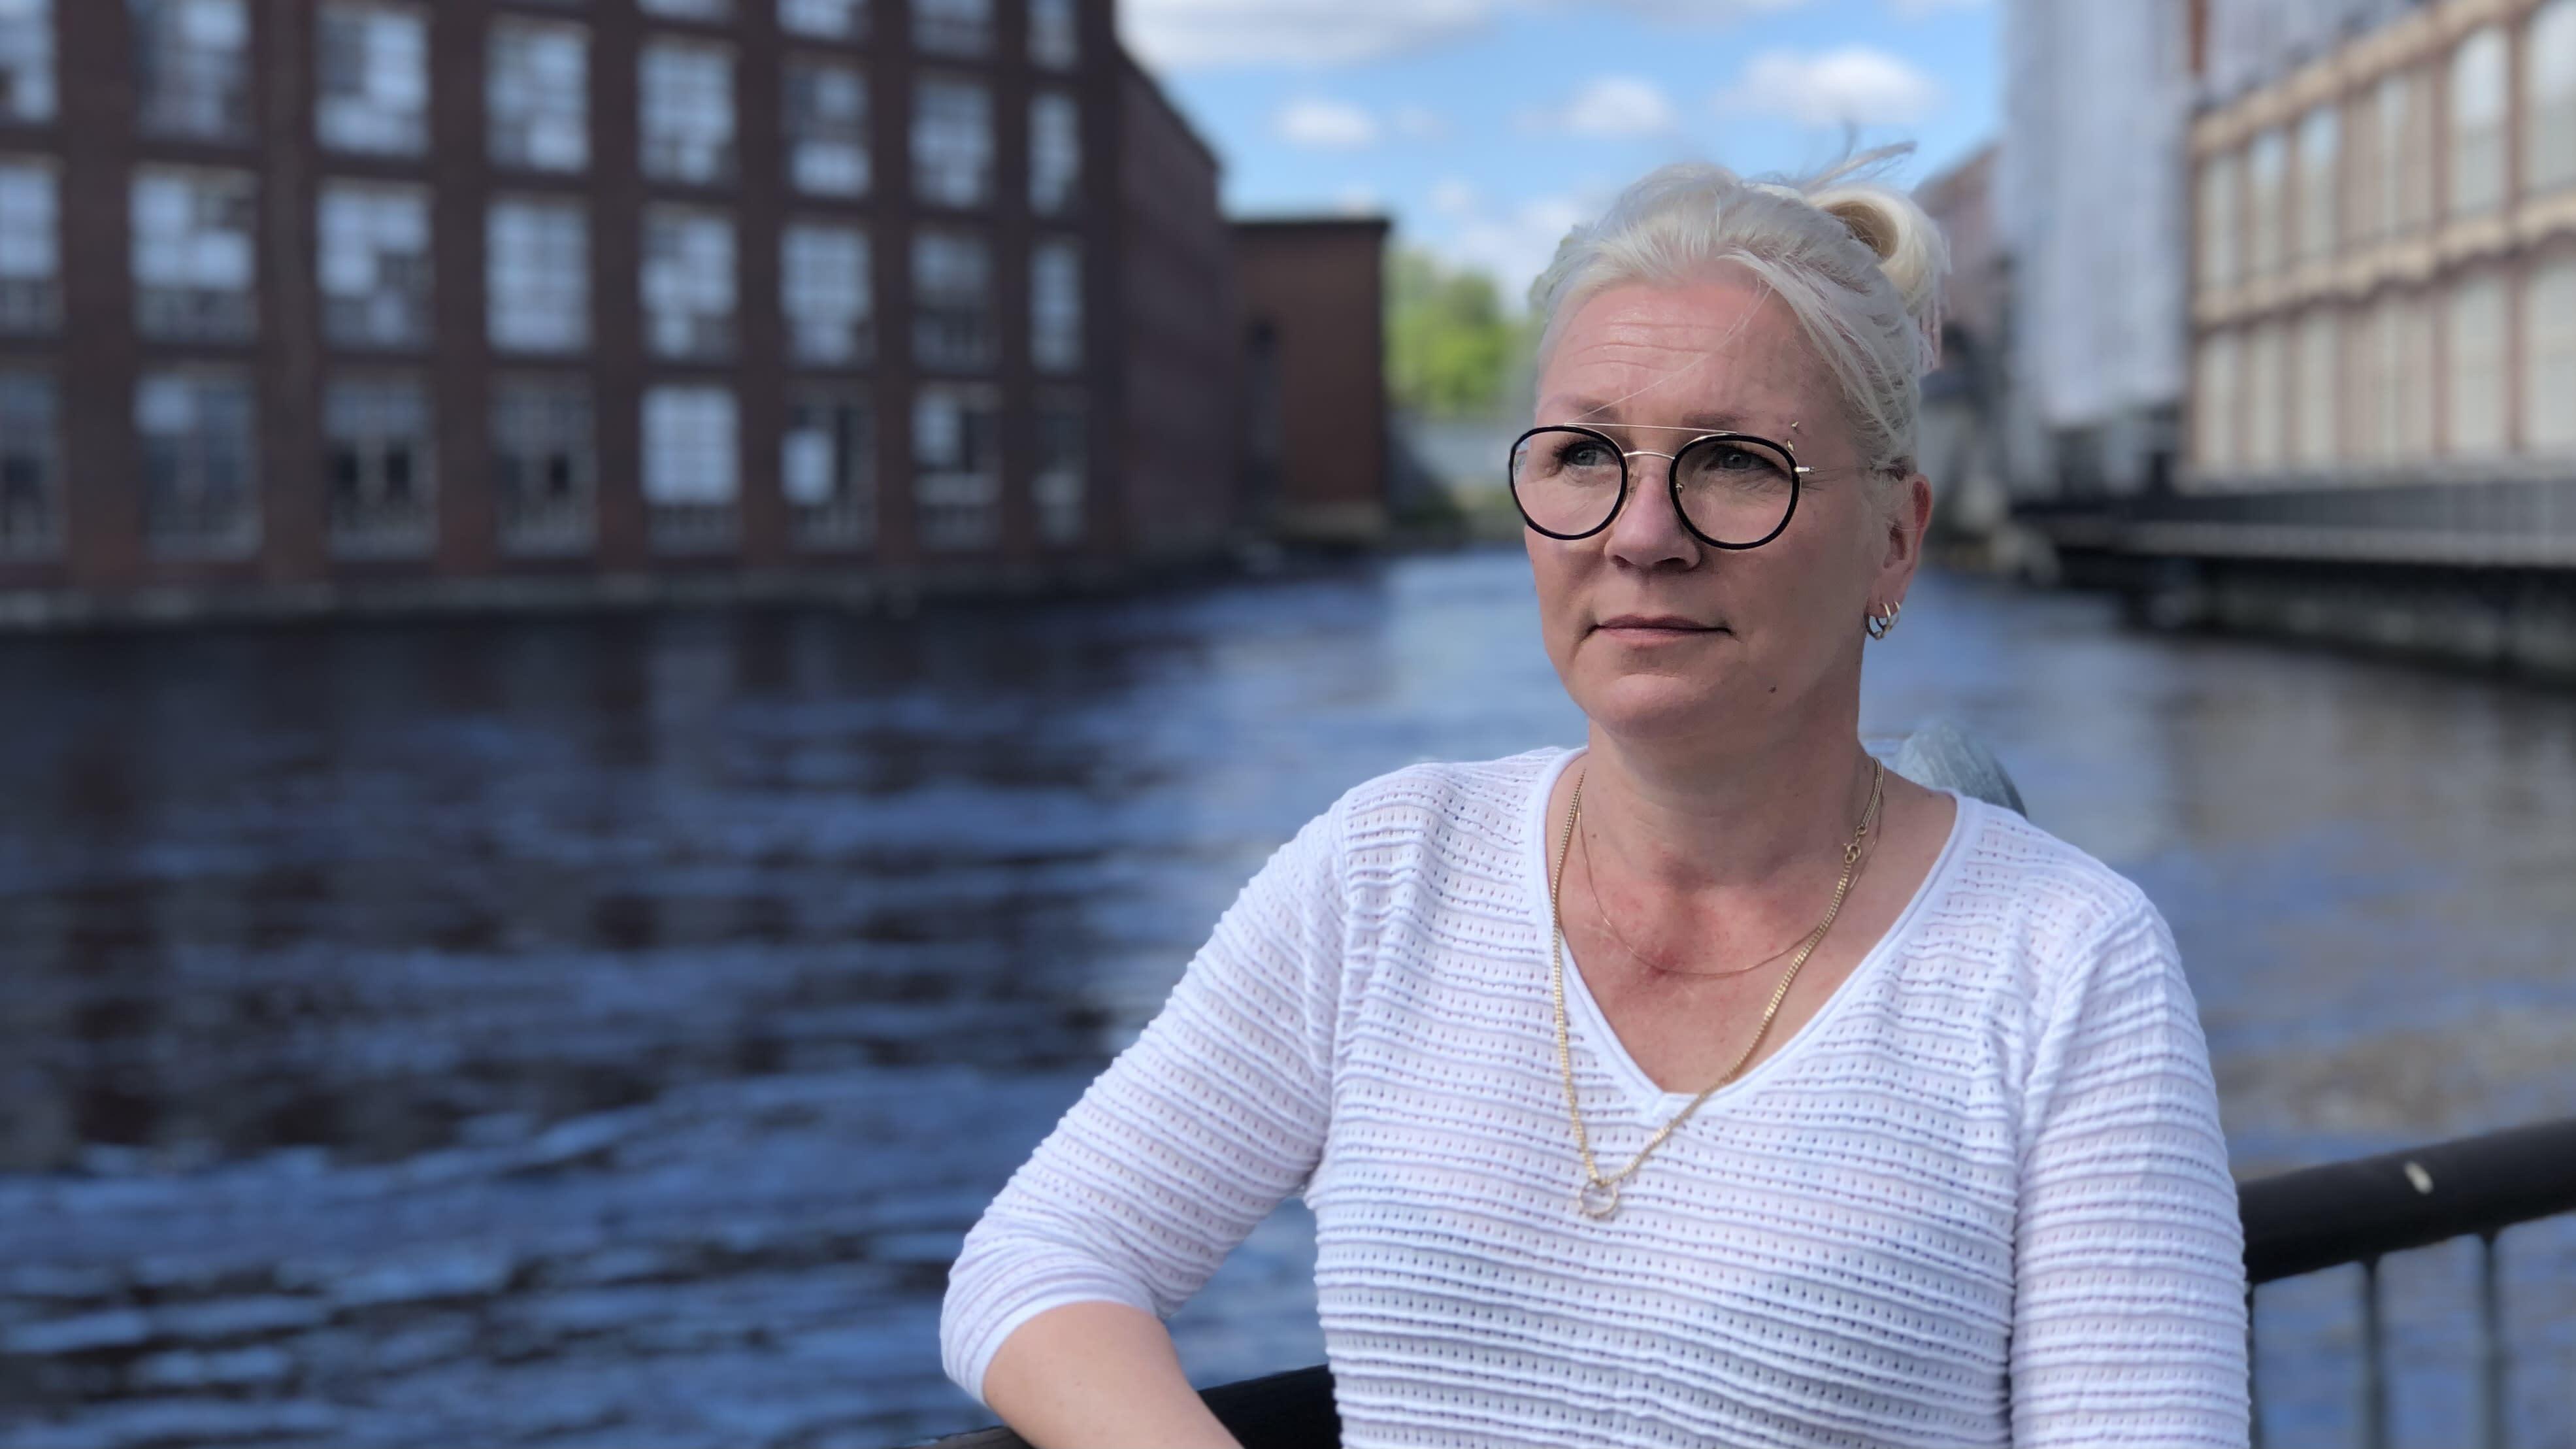 Tiina Niinimäki